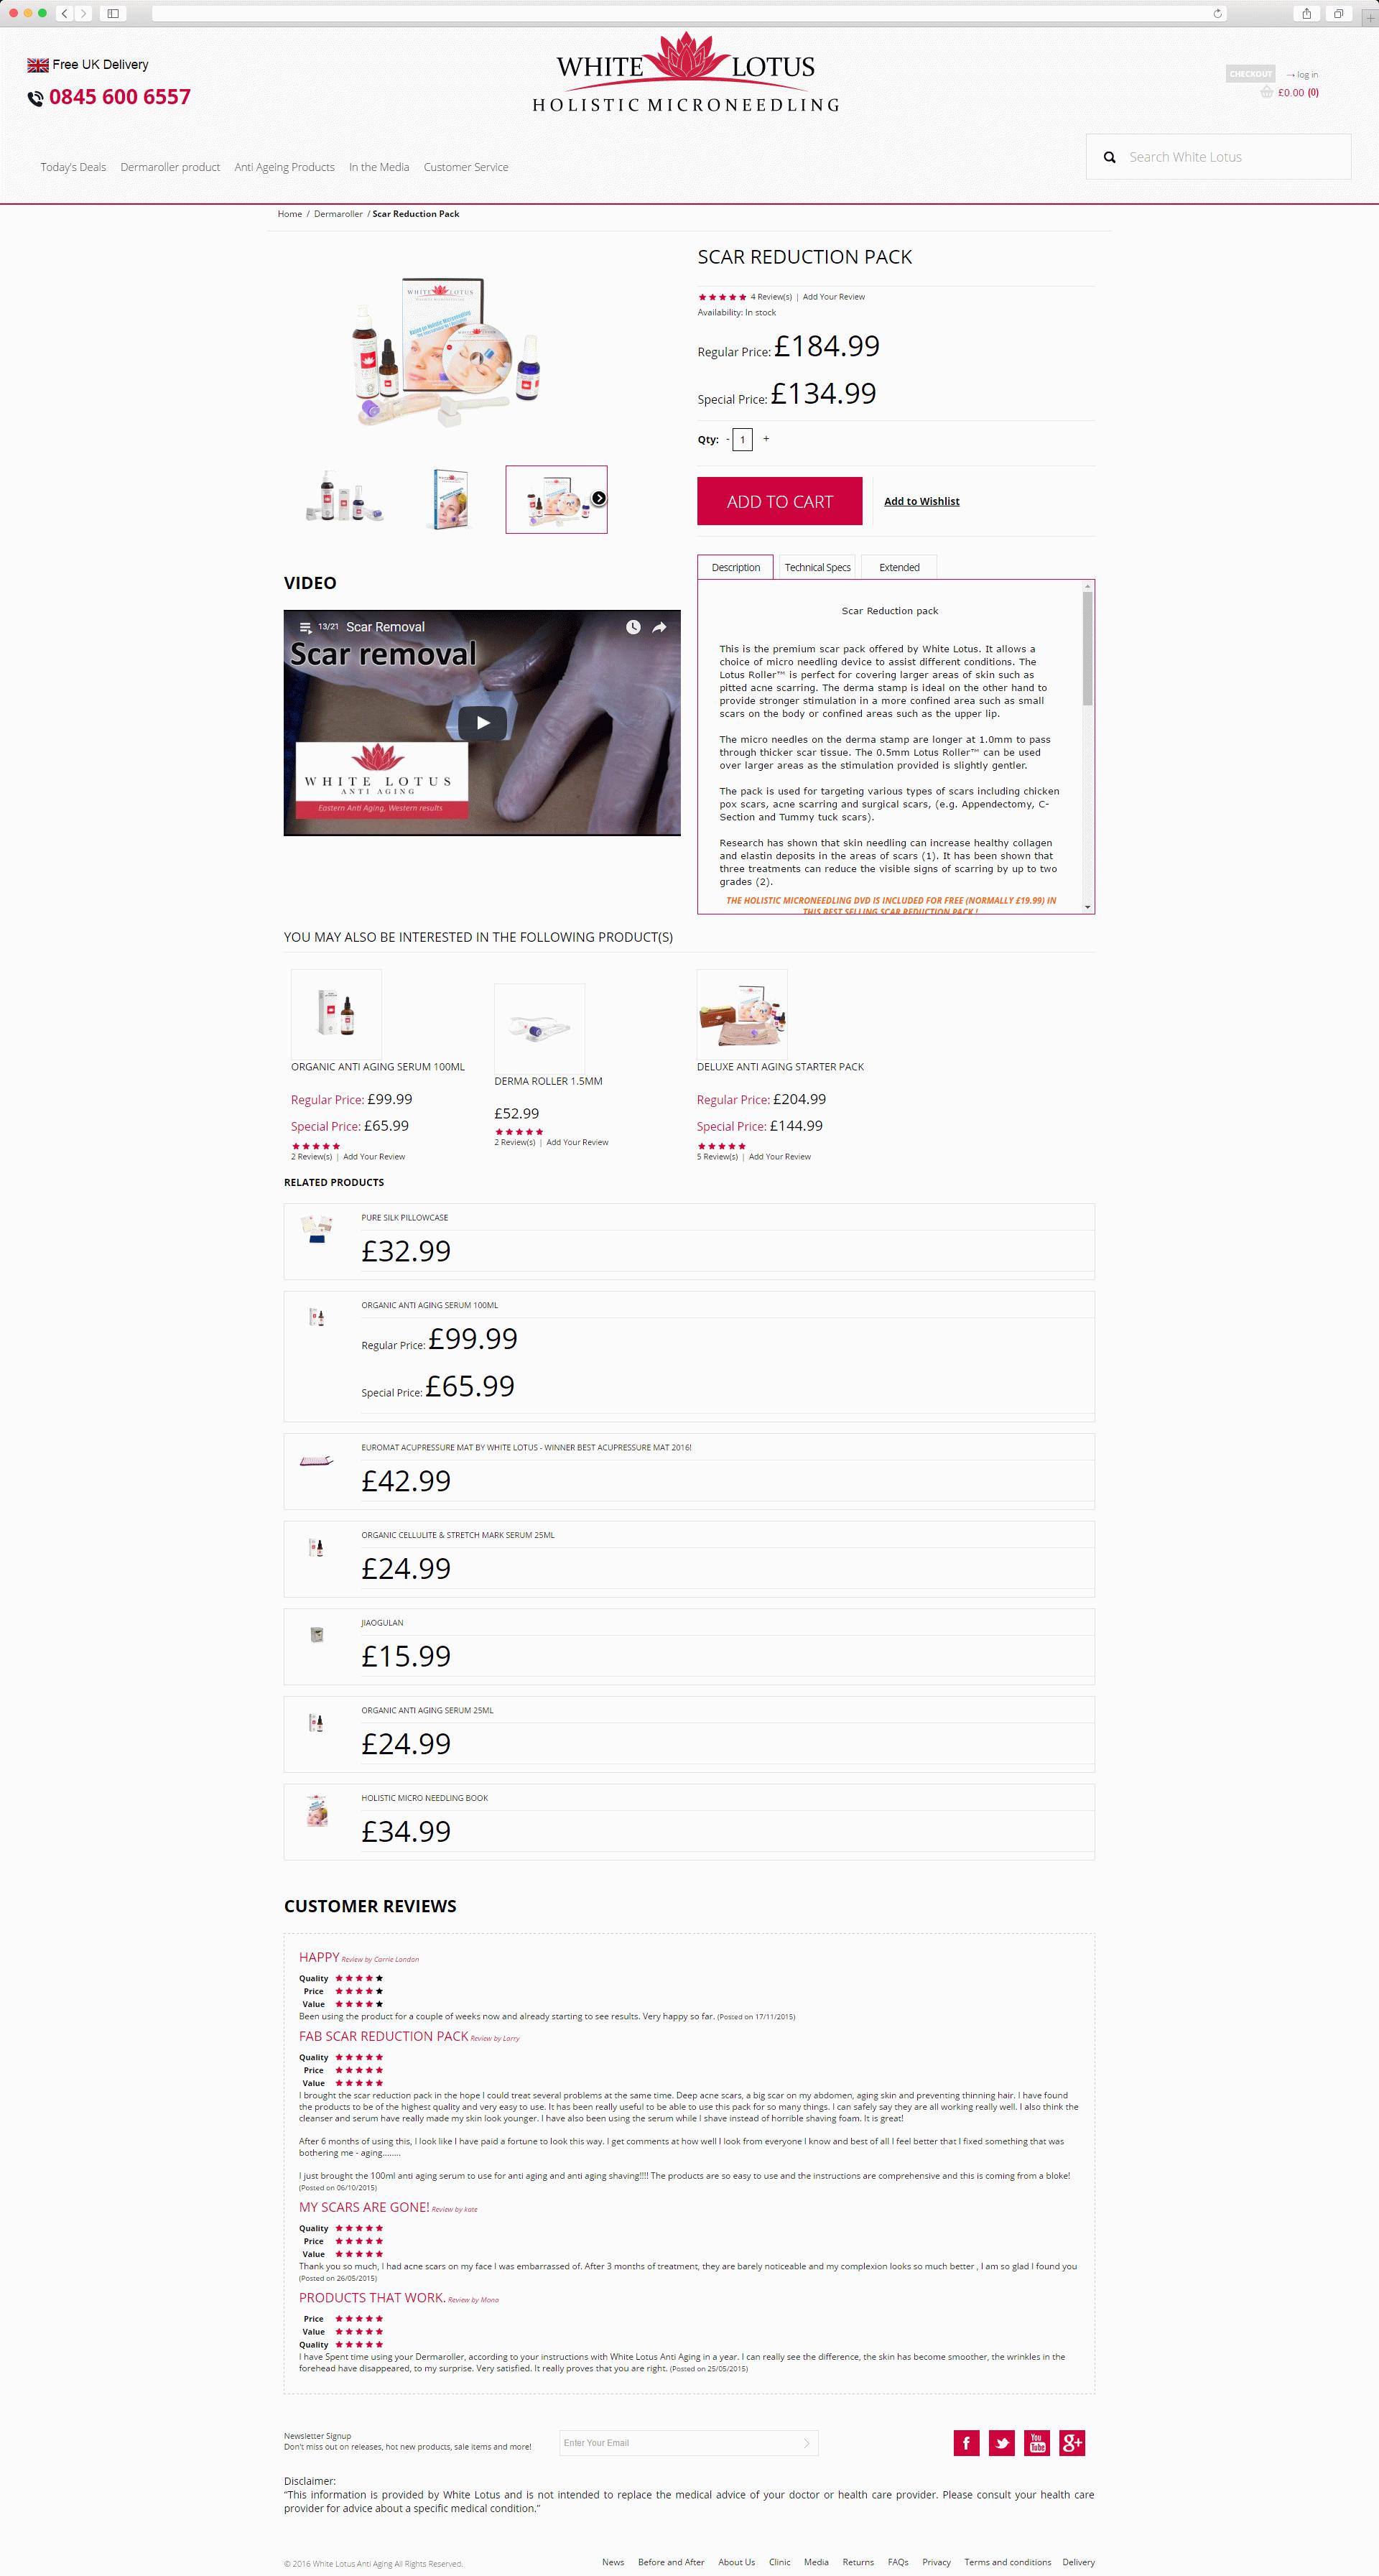 whitelotus_product